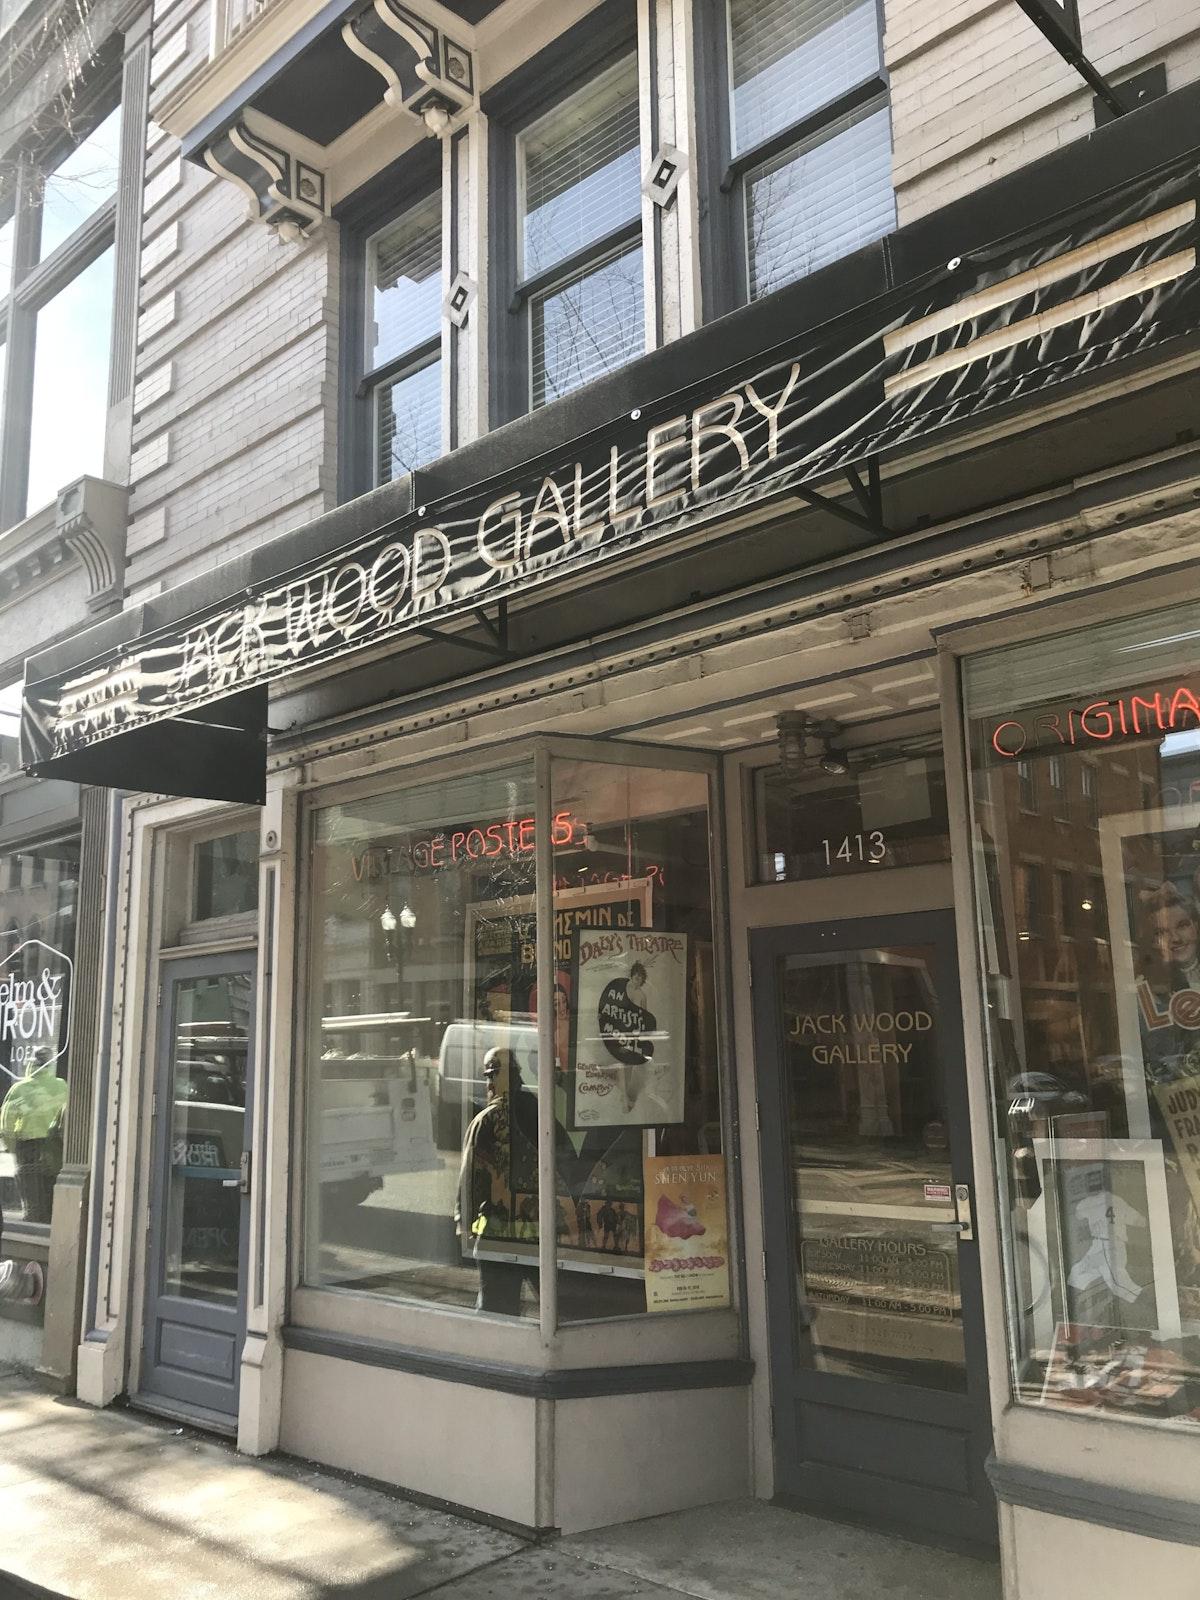 Jack Wood Gallery